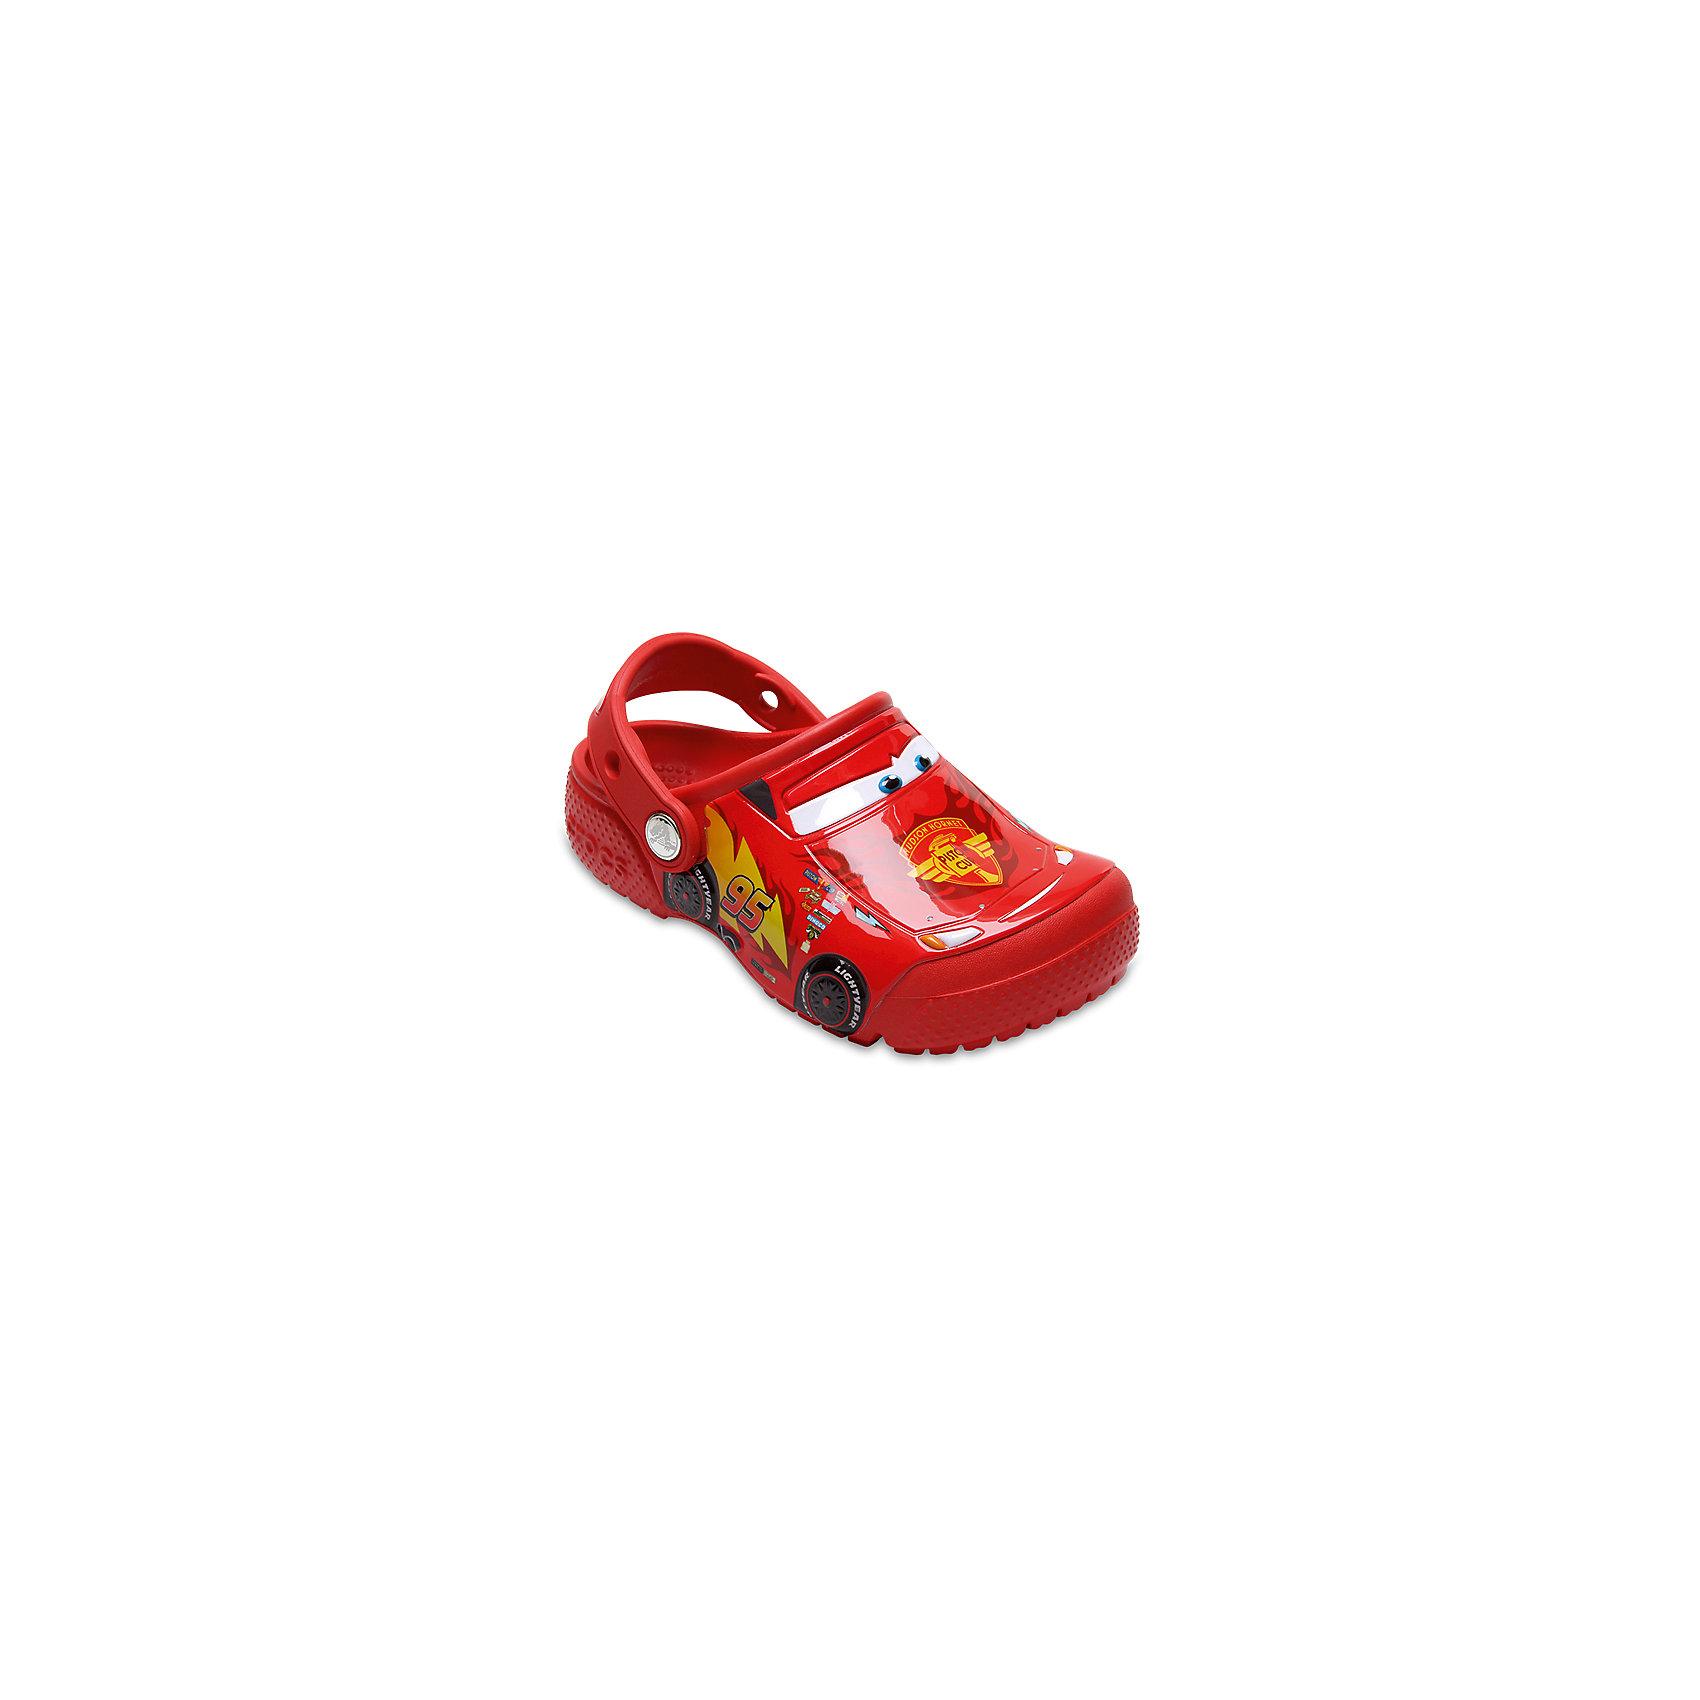 Сабо Kids Classic, CROCSПляжная обувь<br>Характеристики товара:<br><br>• цвет: красный<br>• принт: Тачки<br>• сезон: лето<br>• тип: пляжная обувь<br>• материал: 100% полимер Croslite™<br>• под воздействием температуры тела принимают форму стопы<br>• полностью литая модель<br>• вентиляционные отверстия<br>• бактериостатичный материал<br>• пяточный ремешок фиксирует стопу<br>• отверстия для использования украшений<br>• анатомическая стелька с массажными точками<br>• страна бренда: США<br>• страна изготовитель: Китай<br><br>Для правильного развития ребенка крайне важно, чтобы обувь была удобной.<br><br>Такие сабо обеспечивают детям необходимый комфорт, а анатомическая стелька с массажными линиями для стимуляции кровообращения позволяет ножкам дольше не уставать. <br><br>Сабо легко надеваются и снимаются, отлично сидят на ноге. <br><br>Материал, из которого они сделаны, не дает размножаться бактериям, поэтому такая обувь препятствует образованию неприятного запаха и появлению болезней стоп.<br><br>Обувь от американского бренда Crocs в данный момент завоевала широкую популярность во всем мире, и это не удивительно - ведь она невероятно удобна. <br><br>Её носят врачи, спортсмены, звёзды шоу-бизнеса, люди, которым много времени приходится бывать на ногах - они понимают, как важна комфортная обувь. <br><br>Продукция Crocs - это качественные товары, созданные с применением новейших технологий. <br><br>Обувь отличается стильным дизайном и продуманной конструкцией. Изделие производится из качественных и проверенных материалов, которые безопасны для детей.<br><br>Сабо Kids Classic от торговой марки Crocs можно купить в нашем интернет-магазине.<br><br>Ширина мм: 225<br>Глубина мм: 139<br>Высота мм: 112<br>Вес г: 290<br>Цвет: красный<br>Возраст от месяцев: 132<br>Возраст до месяцев: 144<br>Пол: Унисекс<br>Возраст: Детский<br>Размер: 34/35,27,28,29,30,21,22,23,24,25,26,31/32,33/34<br>SKU: 5416906